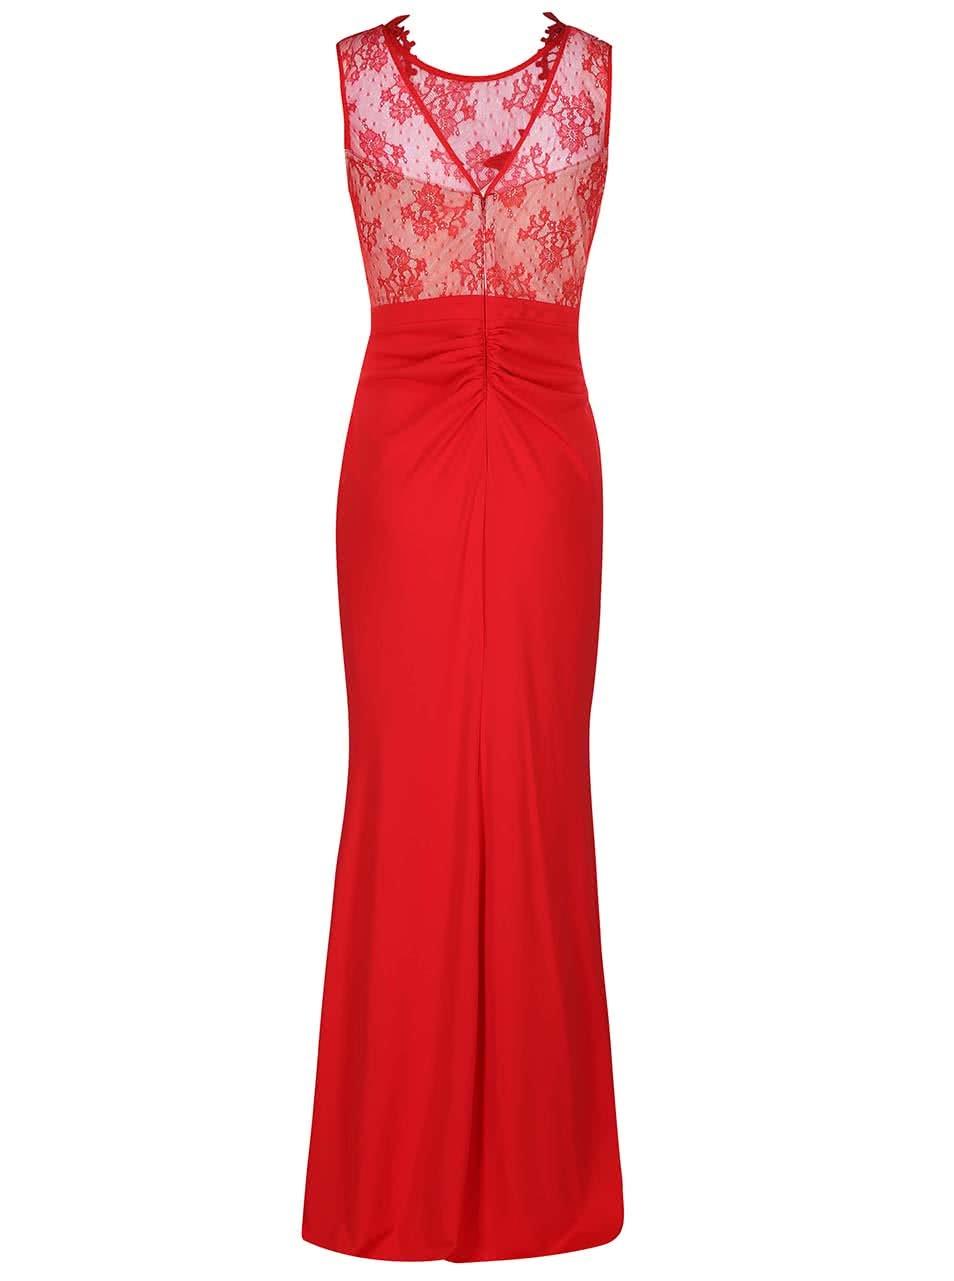 895a49b0a855 Červené plesové šaty s čipkovaným topom Lipsy ...